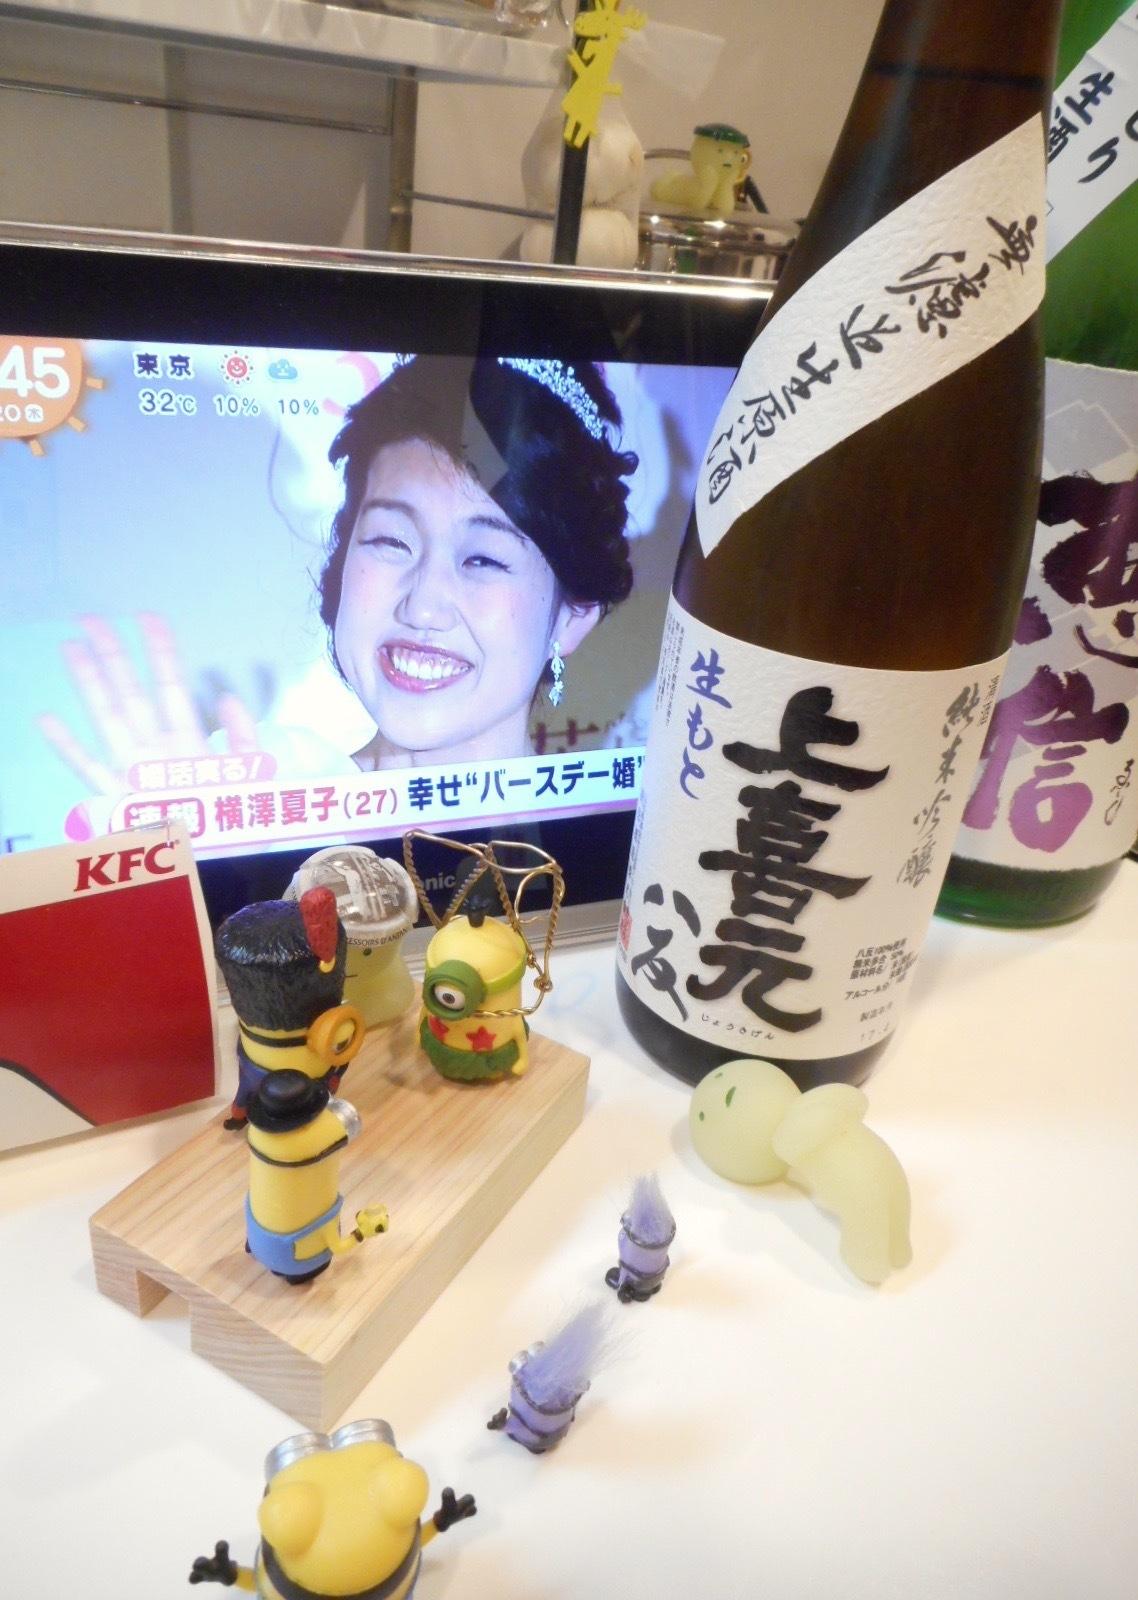 joukigen_kimoto_hattan28by3.jpg